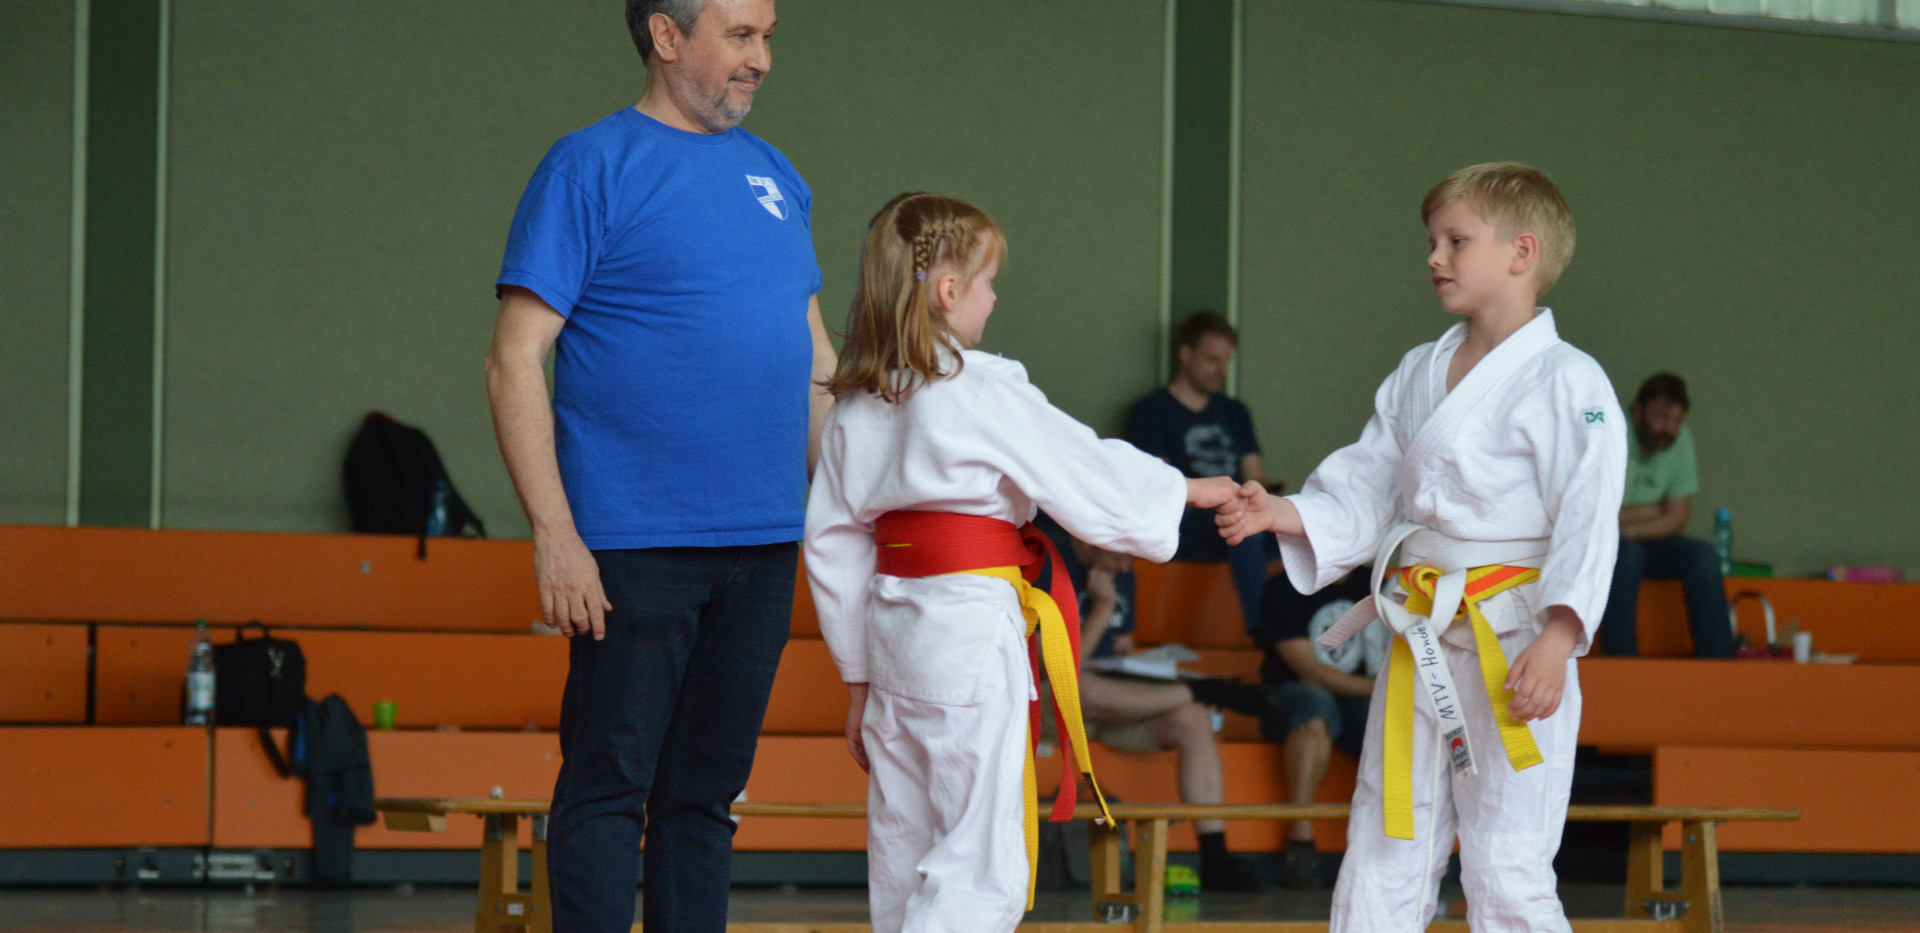 judosafari